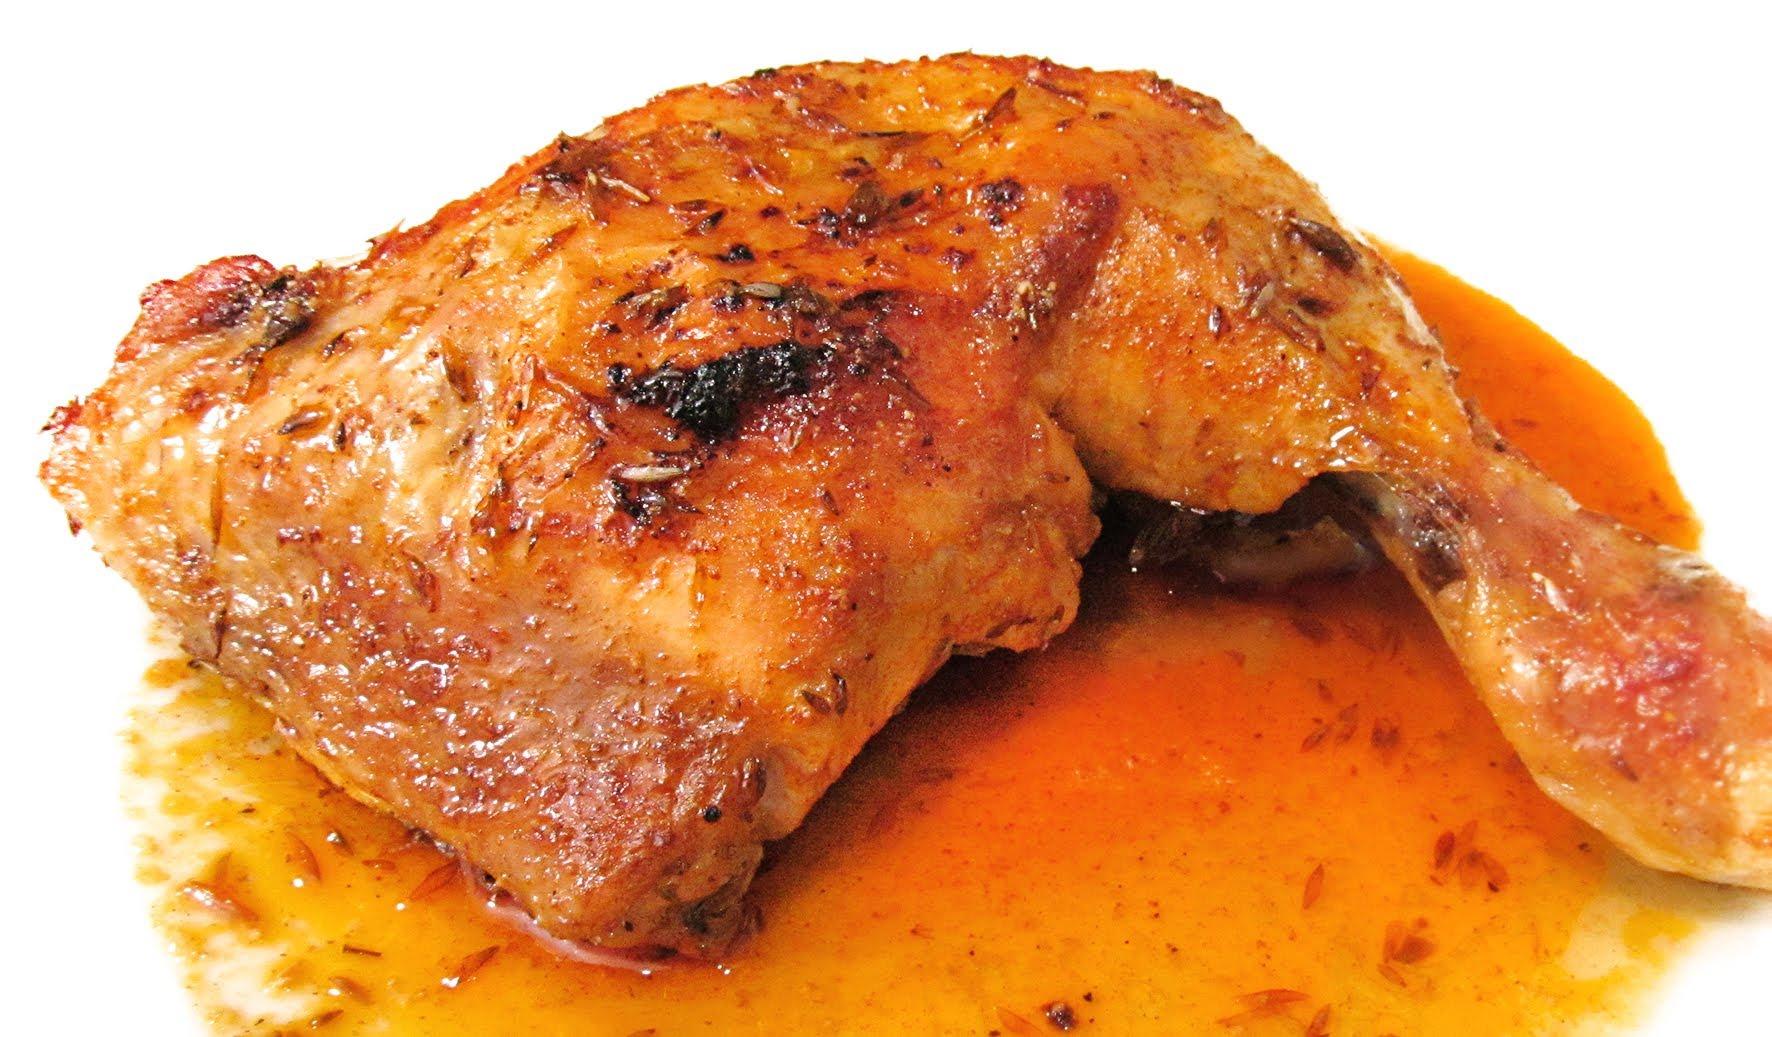 Receta de muslos de pollo al horno con naranja  Unarecetacom